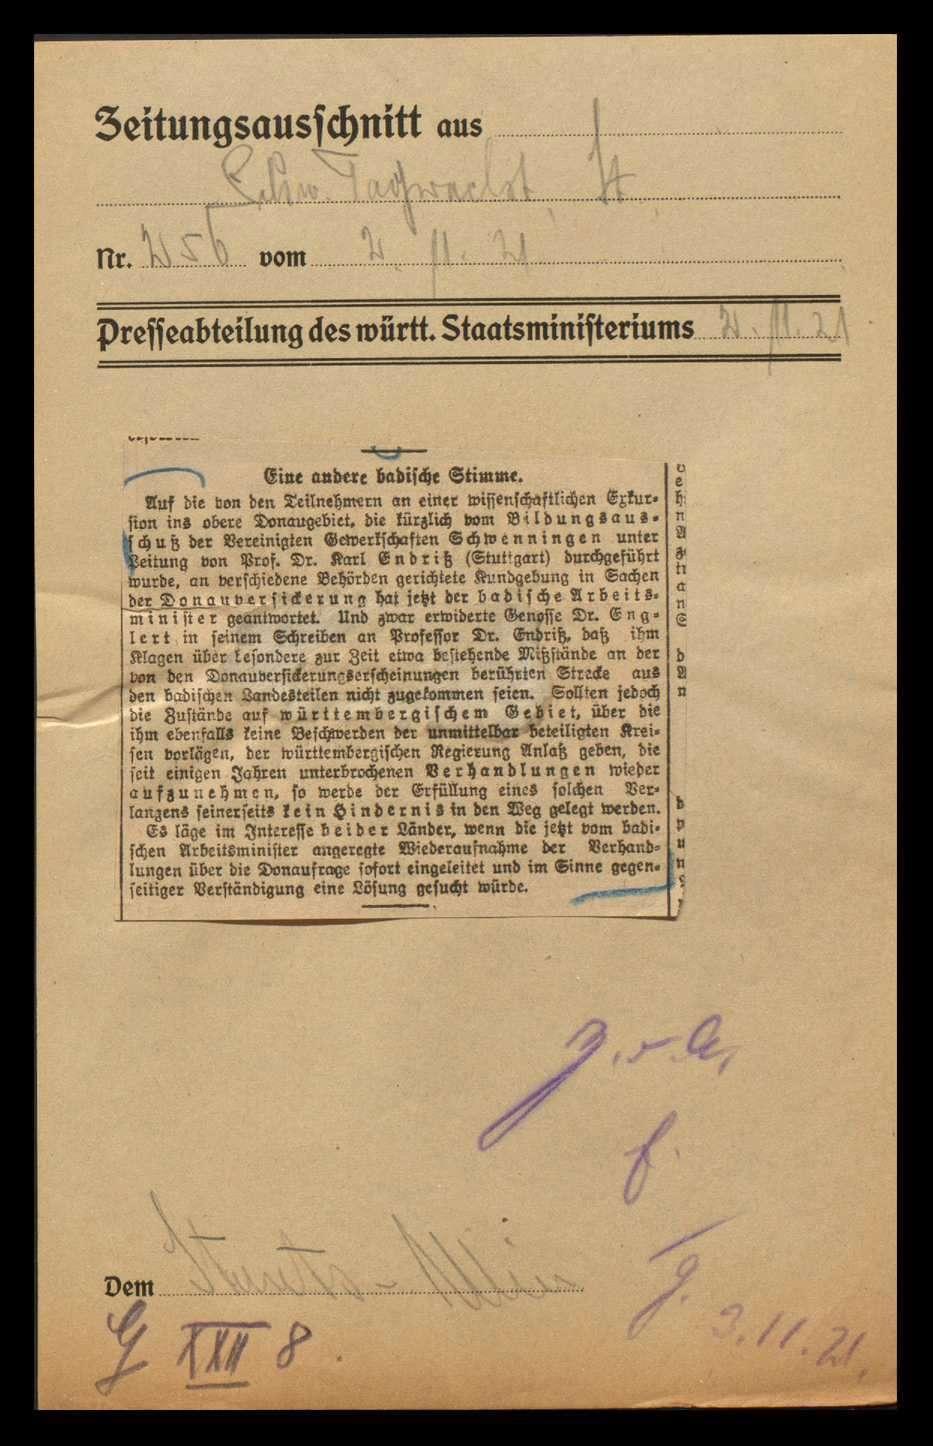 Donauversickerung zwischen Immendingen und Möhringen und sich daraus ergebende Probleme für die Anrainerstaaten, besonders für Württemberg und Baden, Bild 2